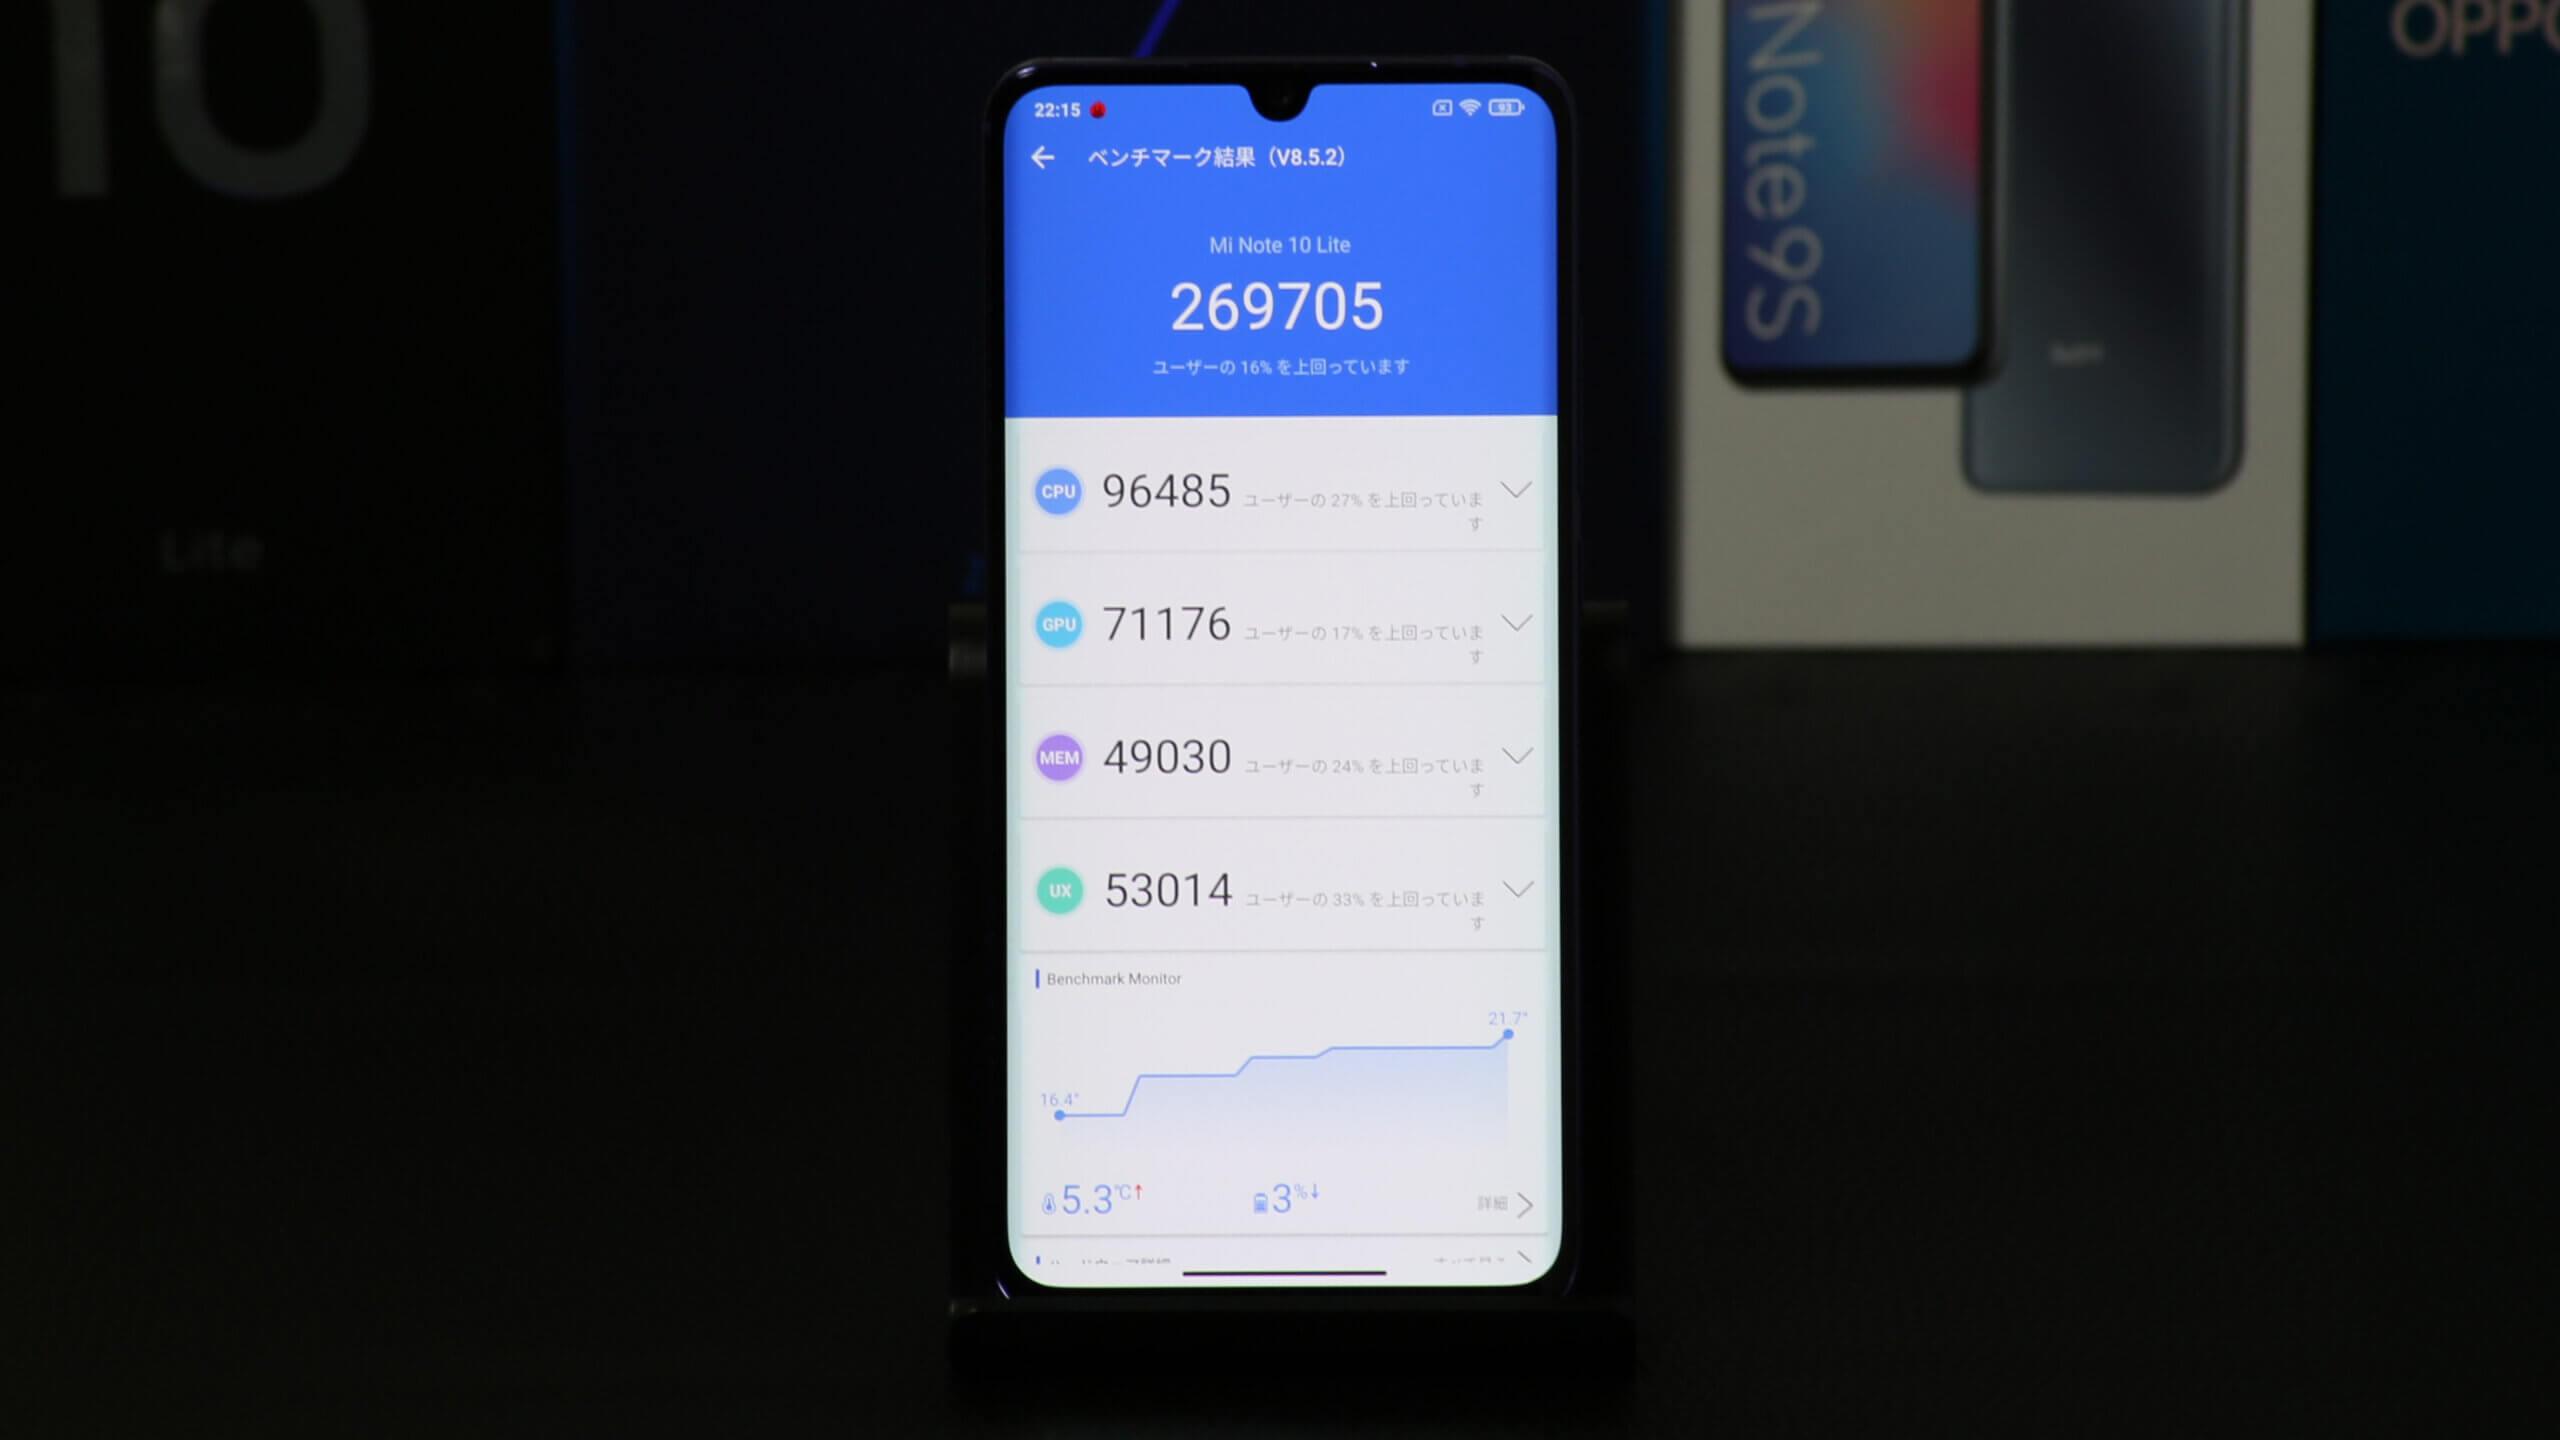 Xiaomi Mi Note 10 Lite Antutuベンチマーク